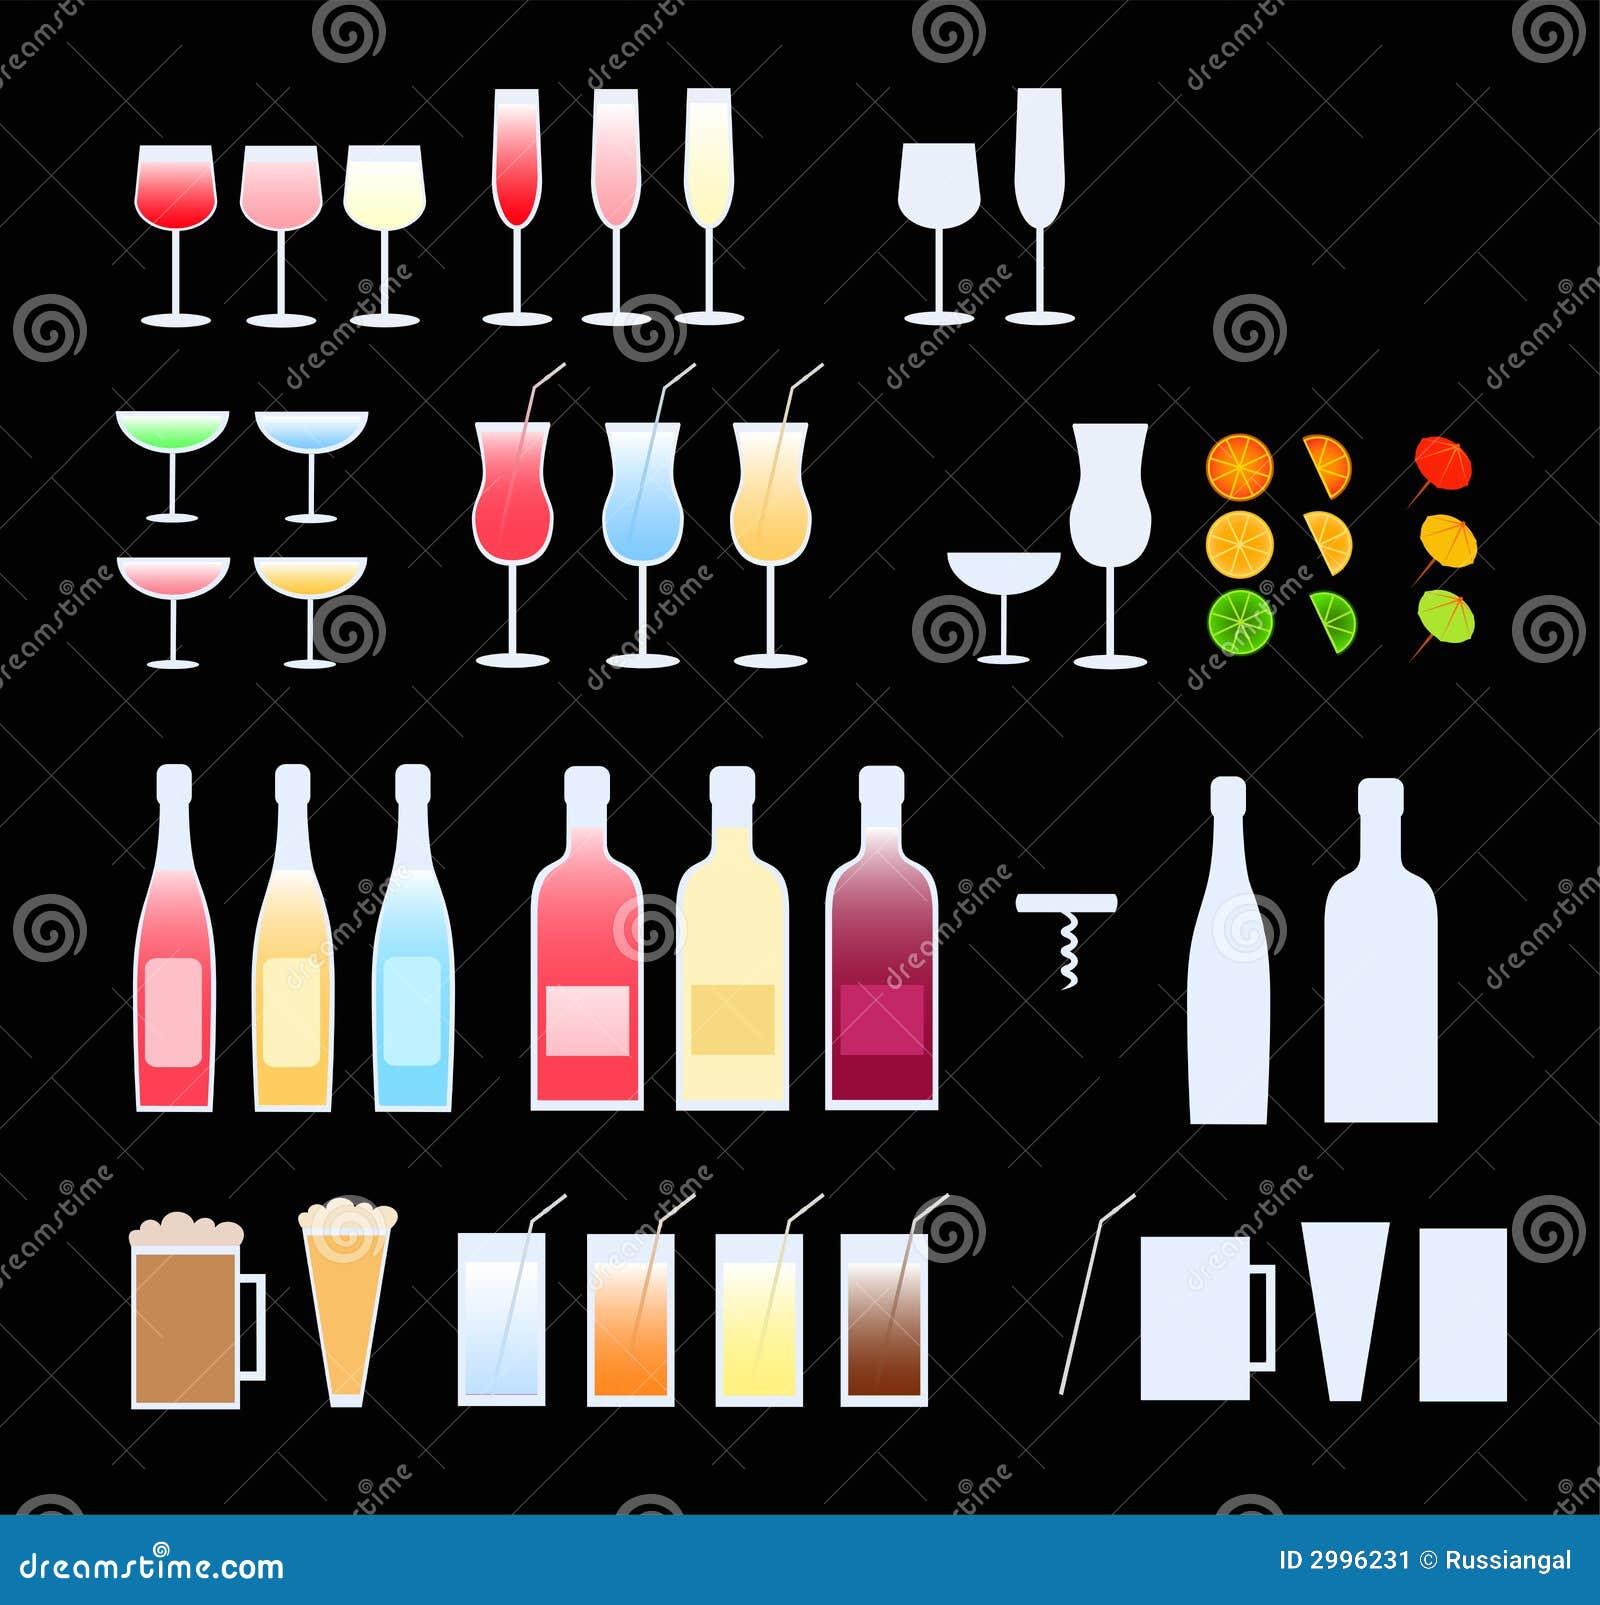 Glasses, bottles